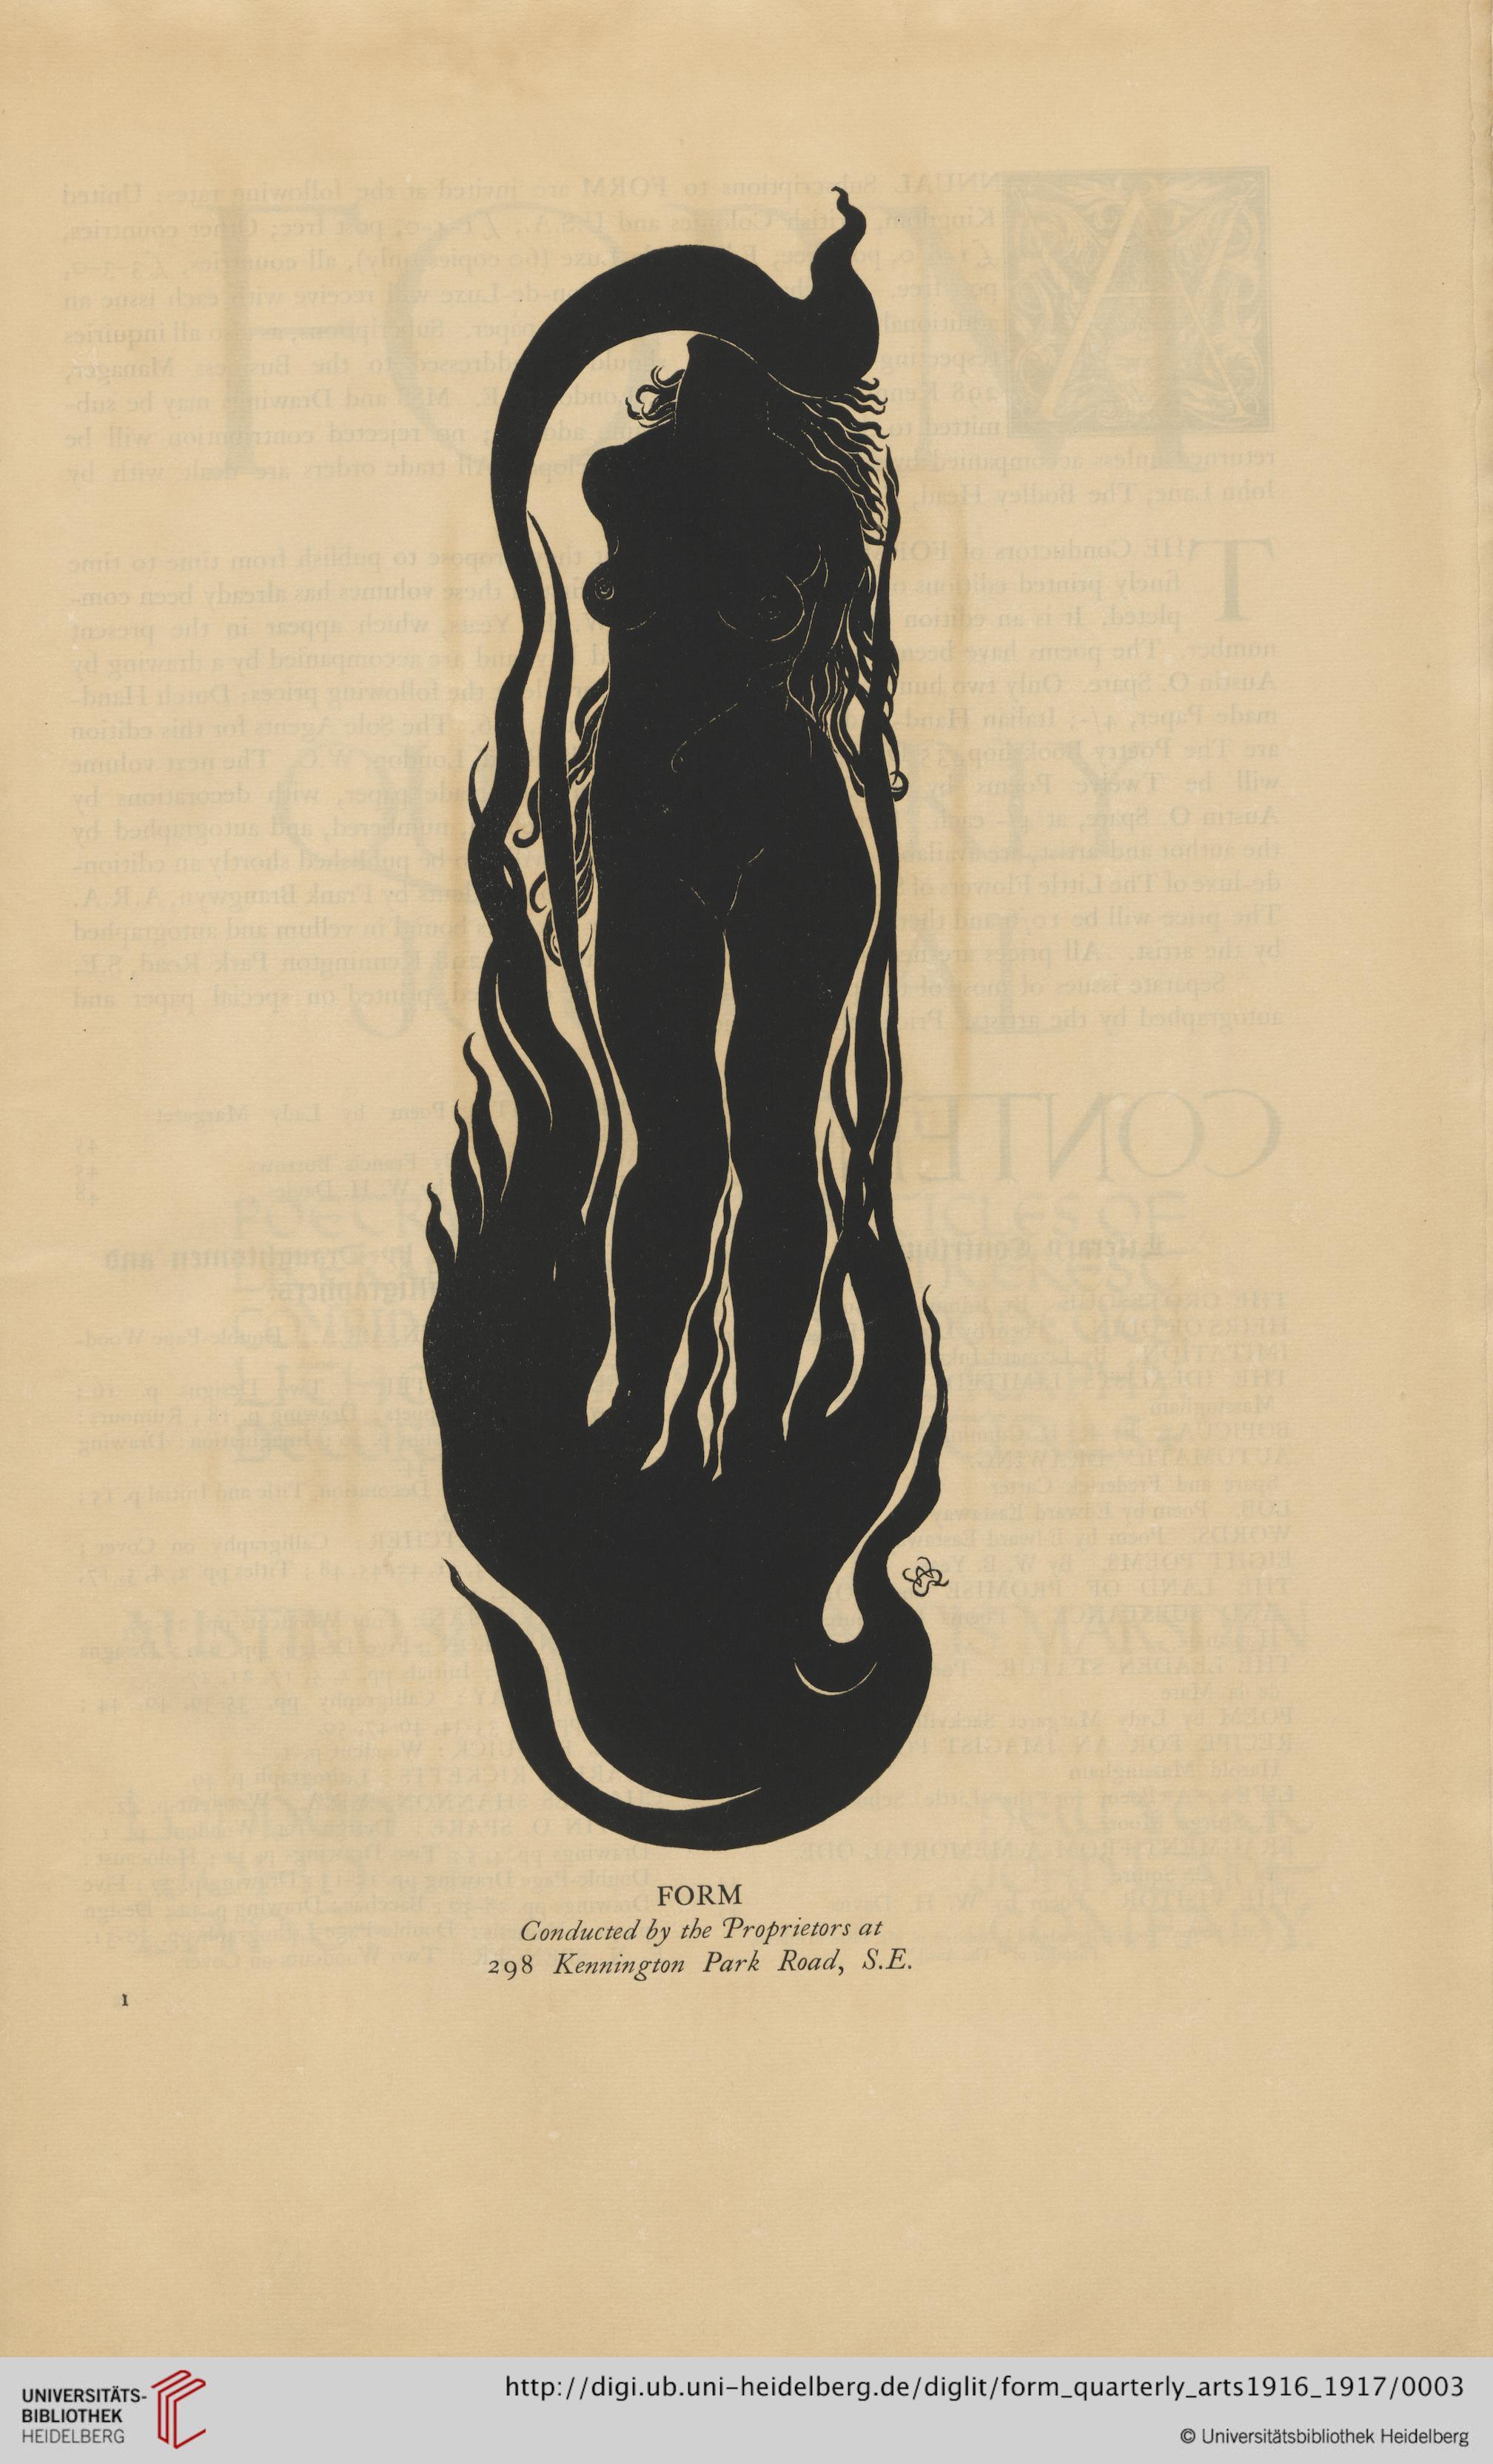 Ilustración de la revista 'Form', digitalizada por la Universidad de Heidelberg